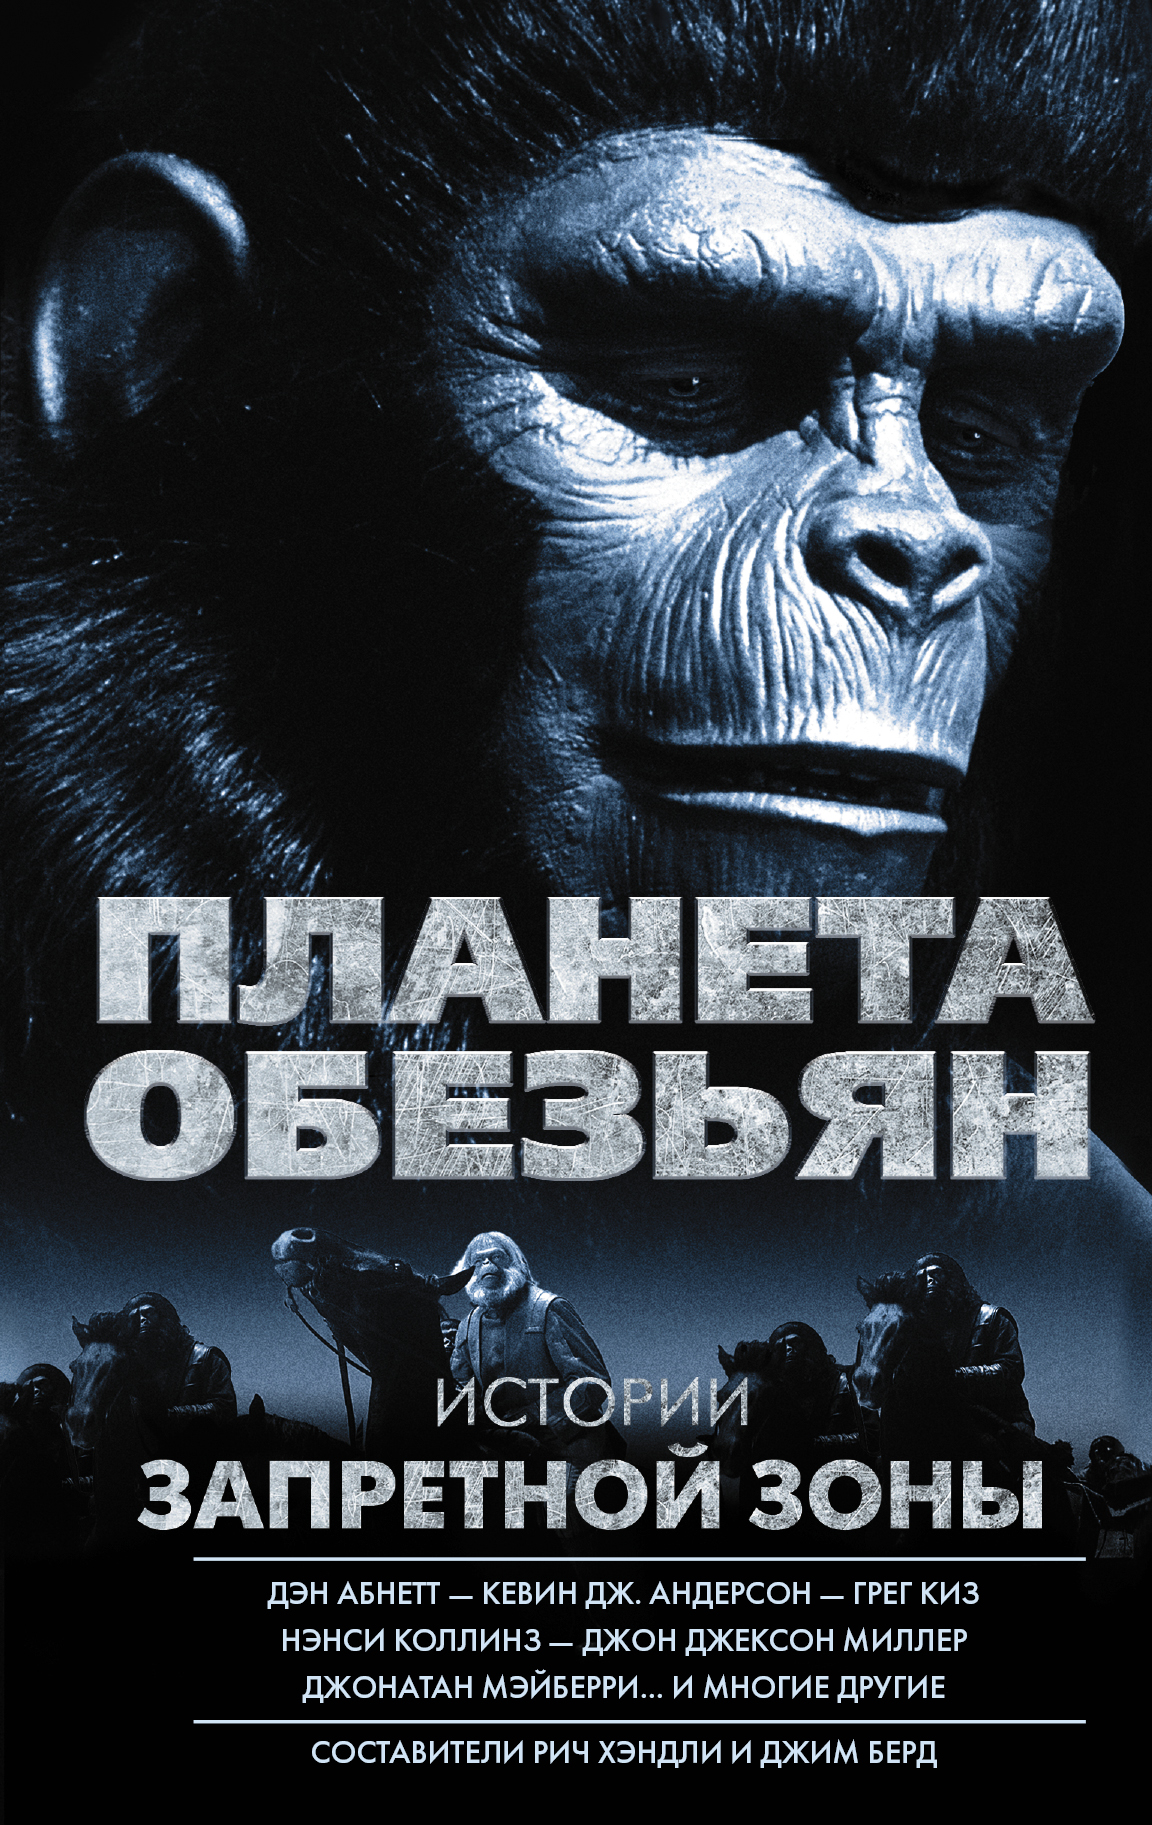 Рич Хэндли, Джим Бирд Планета обезьян. Истории Запретной зоны абнетт д андерсон к и др планета обезьян истории запретной зоны